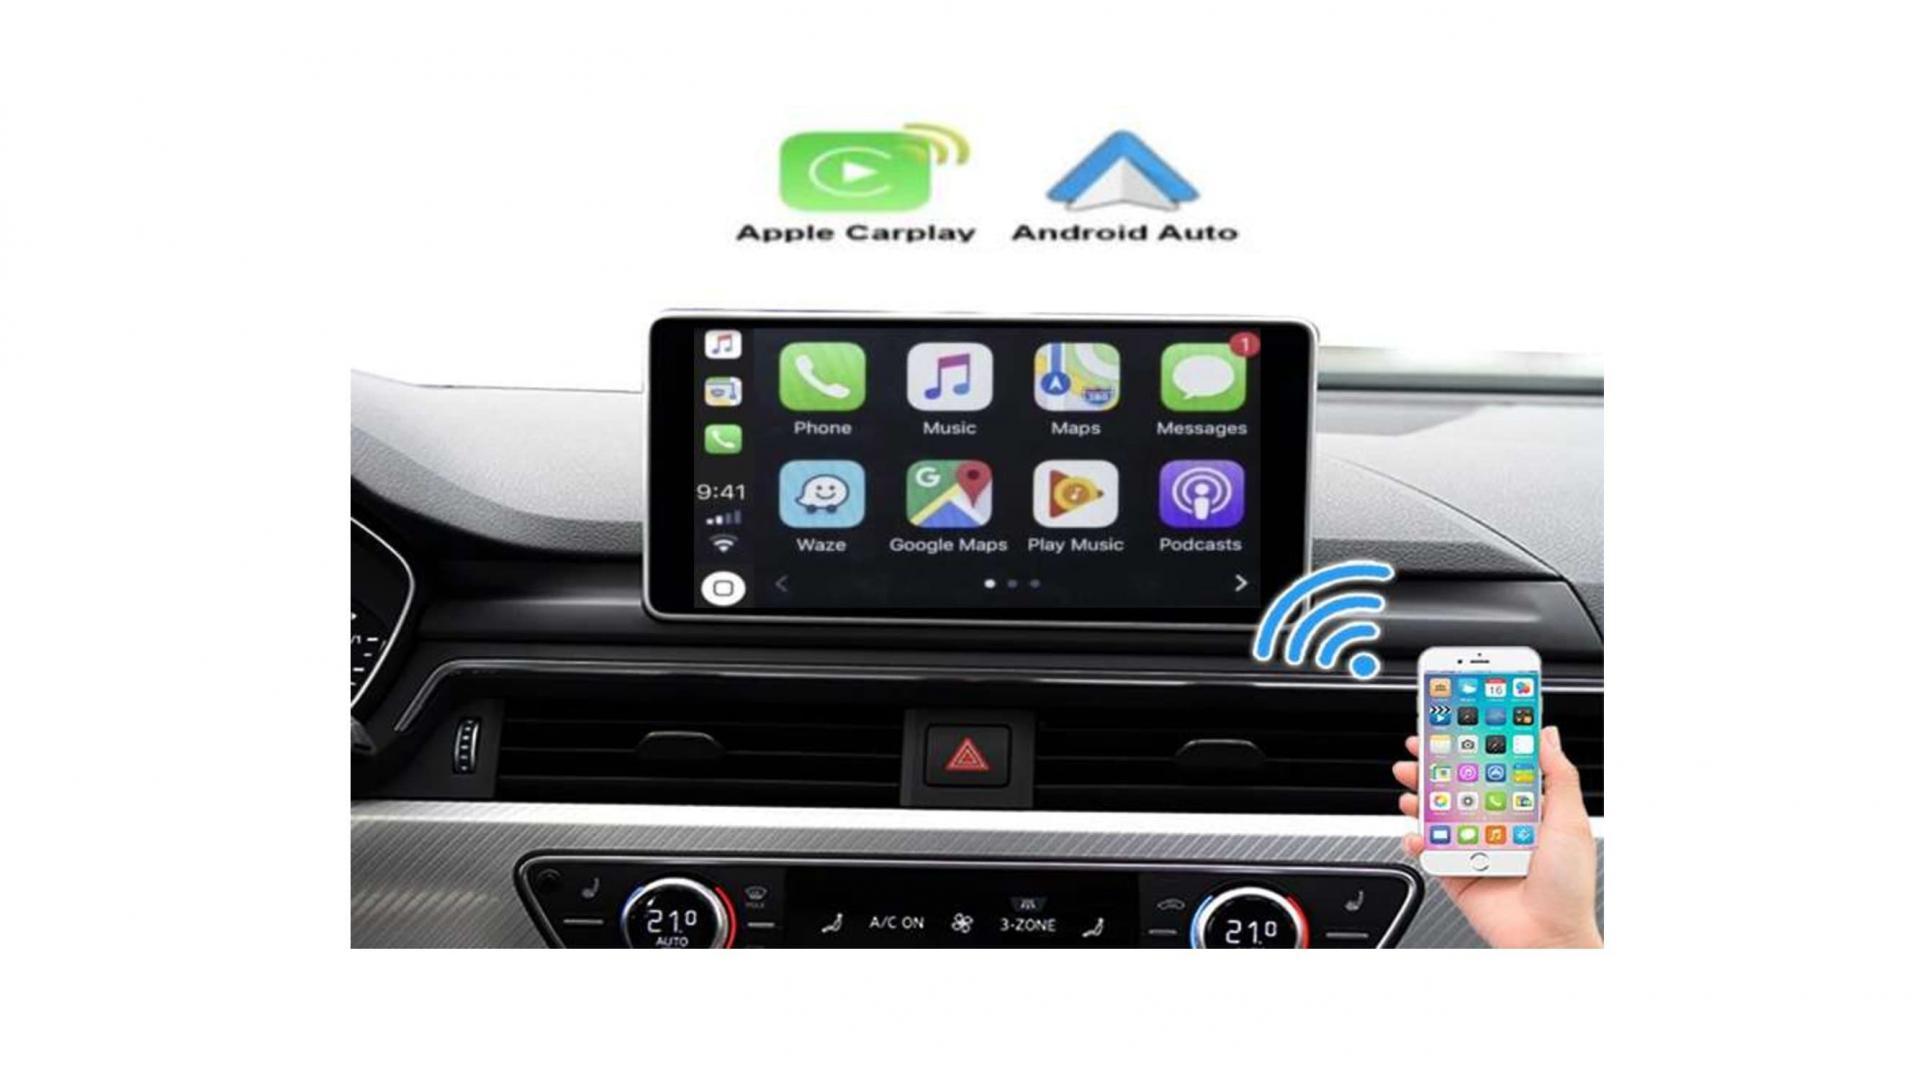 Android auto audi q7 peugeot renault megane4 mercedes peugeot opel toyota camera de recul commande au volant ipod tv dvbt 3g 4g pas cher wifi poste usb sd tnt 2 din tactile canbus